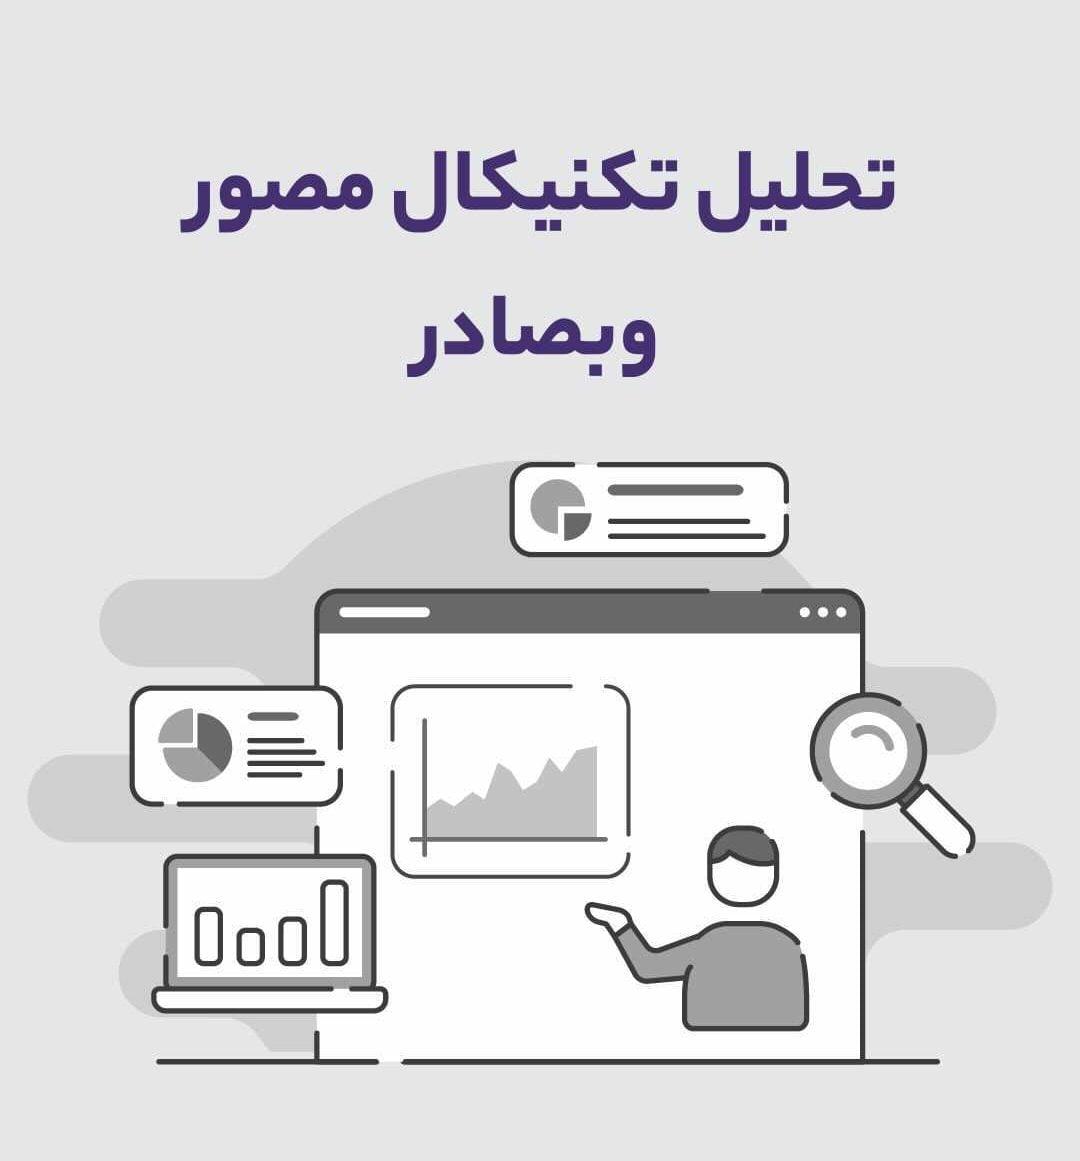 تحلیل تکنیکال ویدئویی نماد وبصادر بانک صادرات ایران